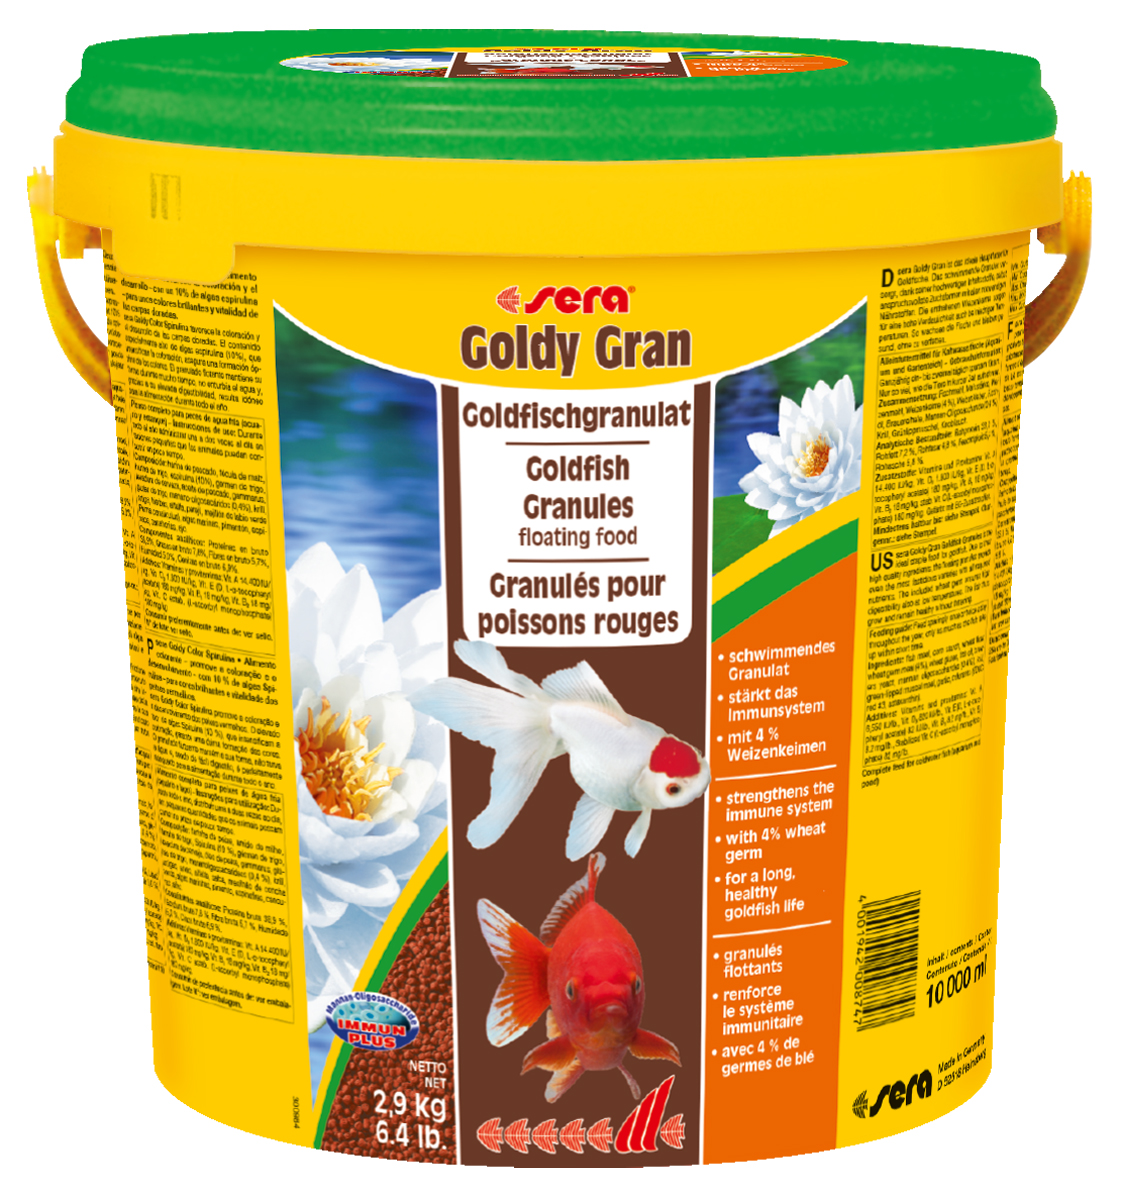 Корм для рыб Sera Goldy Gran, 10 л (2,9 кг)0214Корм для рыб Sera Goldy Gran - комплексный корм для холодноводных рыб (аквариумных и прудовых), идеальный основной корм для золотых рыбок. Плавающие гранулы корма, благодаря высококачественным ингредиентам, обеспечивают всеми необходимыми питательными веществами даже самые привередливые виды рыб. Входящие в состав корма зародыши пшеницы гарантируют высокую усвояемость корма, в том числе при низких температурах. Рыбы, таким образом, растут и остаются здоровыми без перекармливания. Результатом кормления этим кормом будут яркие цвета, здоровый рост, крепкая иммунная система, плодовитость и жизнеспособность рыб. Инструкция по применению: Кормите небольшими порциями один-два раза в день, в течение всего года. Дозируйте такое количество корма, которое рыбы могут съесть в течение короткого периода времени. Ингредиенты: рыбная мука, кукурузный крахмал, пшеничная мука, пшеничные зародыши (4%), пшеничная клейковина, рыбий жир, пивные дрожжи, маннанолигосахариды (0,4%), криль, зеленые мидии, чеснок. Аналитический состав: протеин 33,0%, жиры 7,2%, клетчатка 4,8%, влажность 5,4%, зольные вещества 5,8%.Витамины и провитамины: витамин А 14.400 МЕ/кг, витамин D31.800 МЕ/кг, витамин Е (D, L-a-tocopheryl acetate) 180 мг/кг, витамин В1 18 мг/кг, витамин В2 18 мг/кг, витамин С (L-ascorbyl monophosphate) 180 мг/кг. Содержит пищевые красители, допустимые в ЕС. Товар сертифицирован.